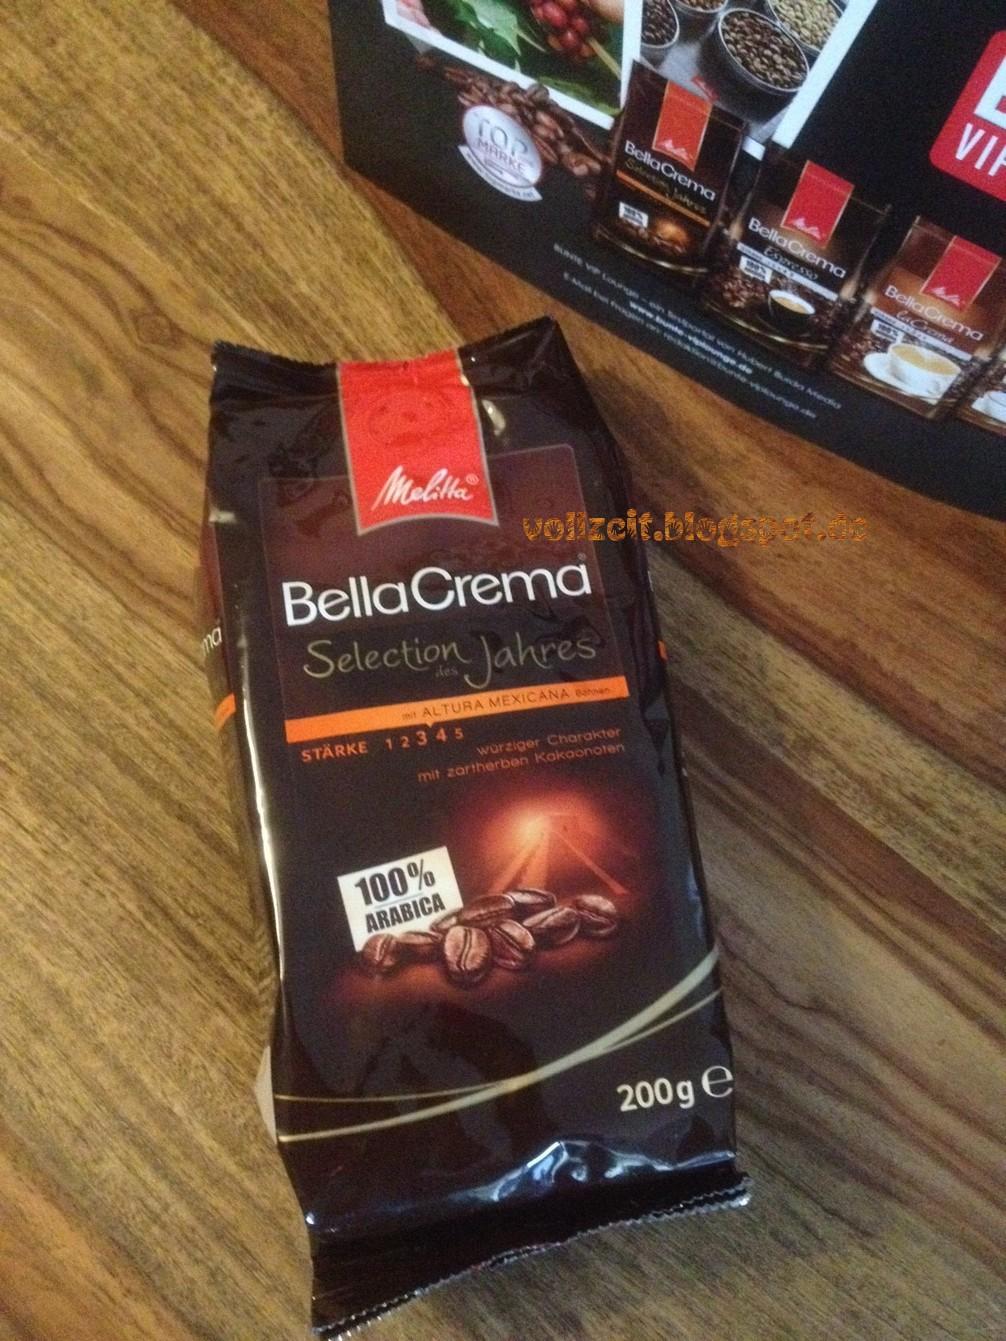 Kaffeebohnen Für Vollautomaten Test : vollzeit testzeit melitta bella crema verschiedene ~ Michelbontemps.com Haus und Dekorationen